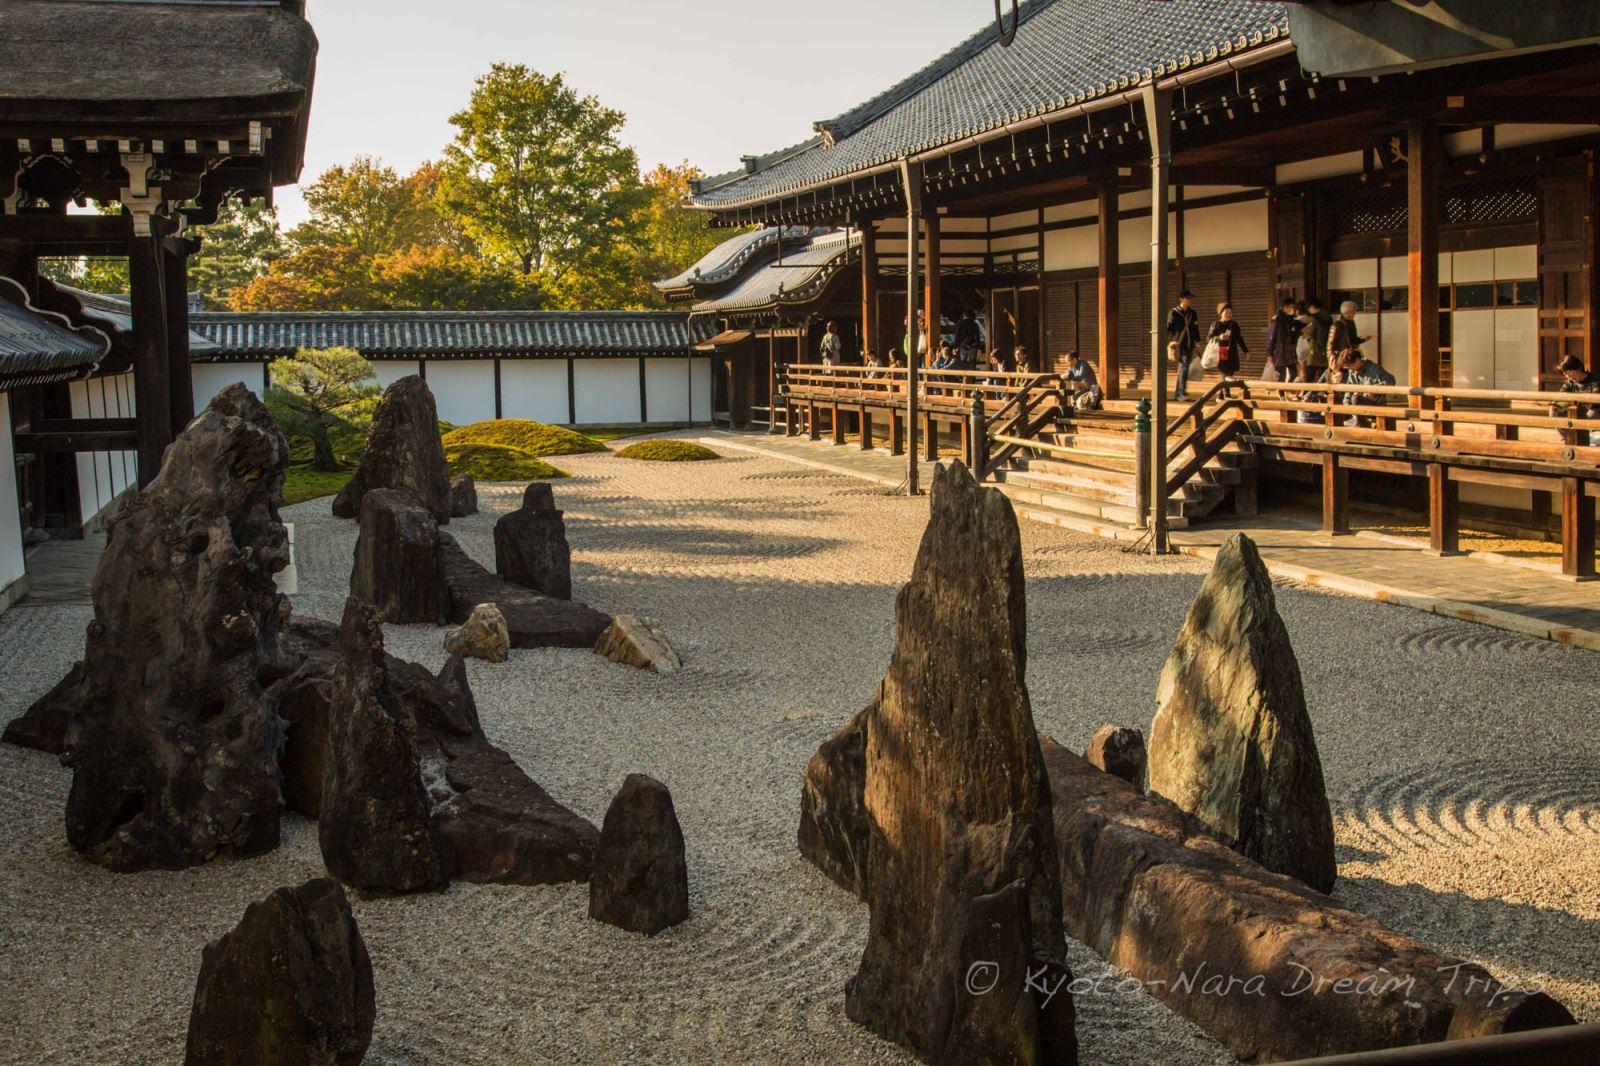 Kết quả hình ảnh cho tham quan Bảo tàng Koryo triều tiên